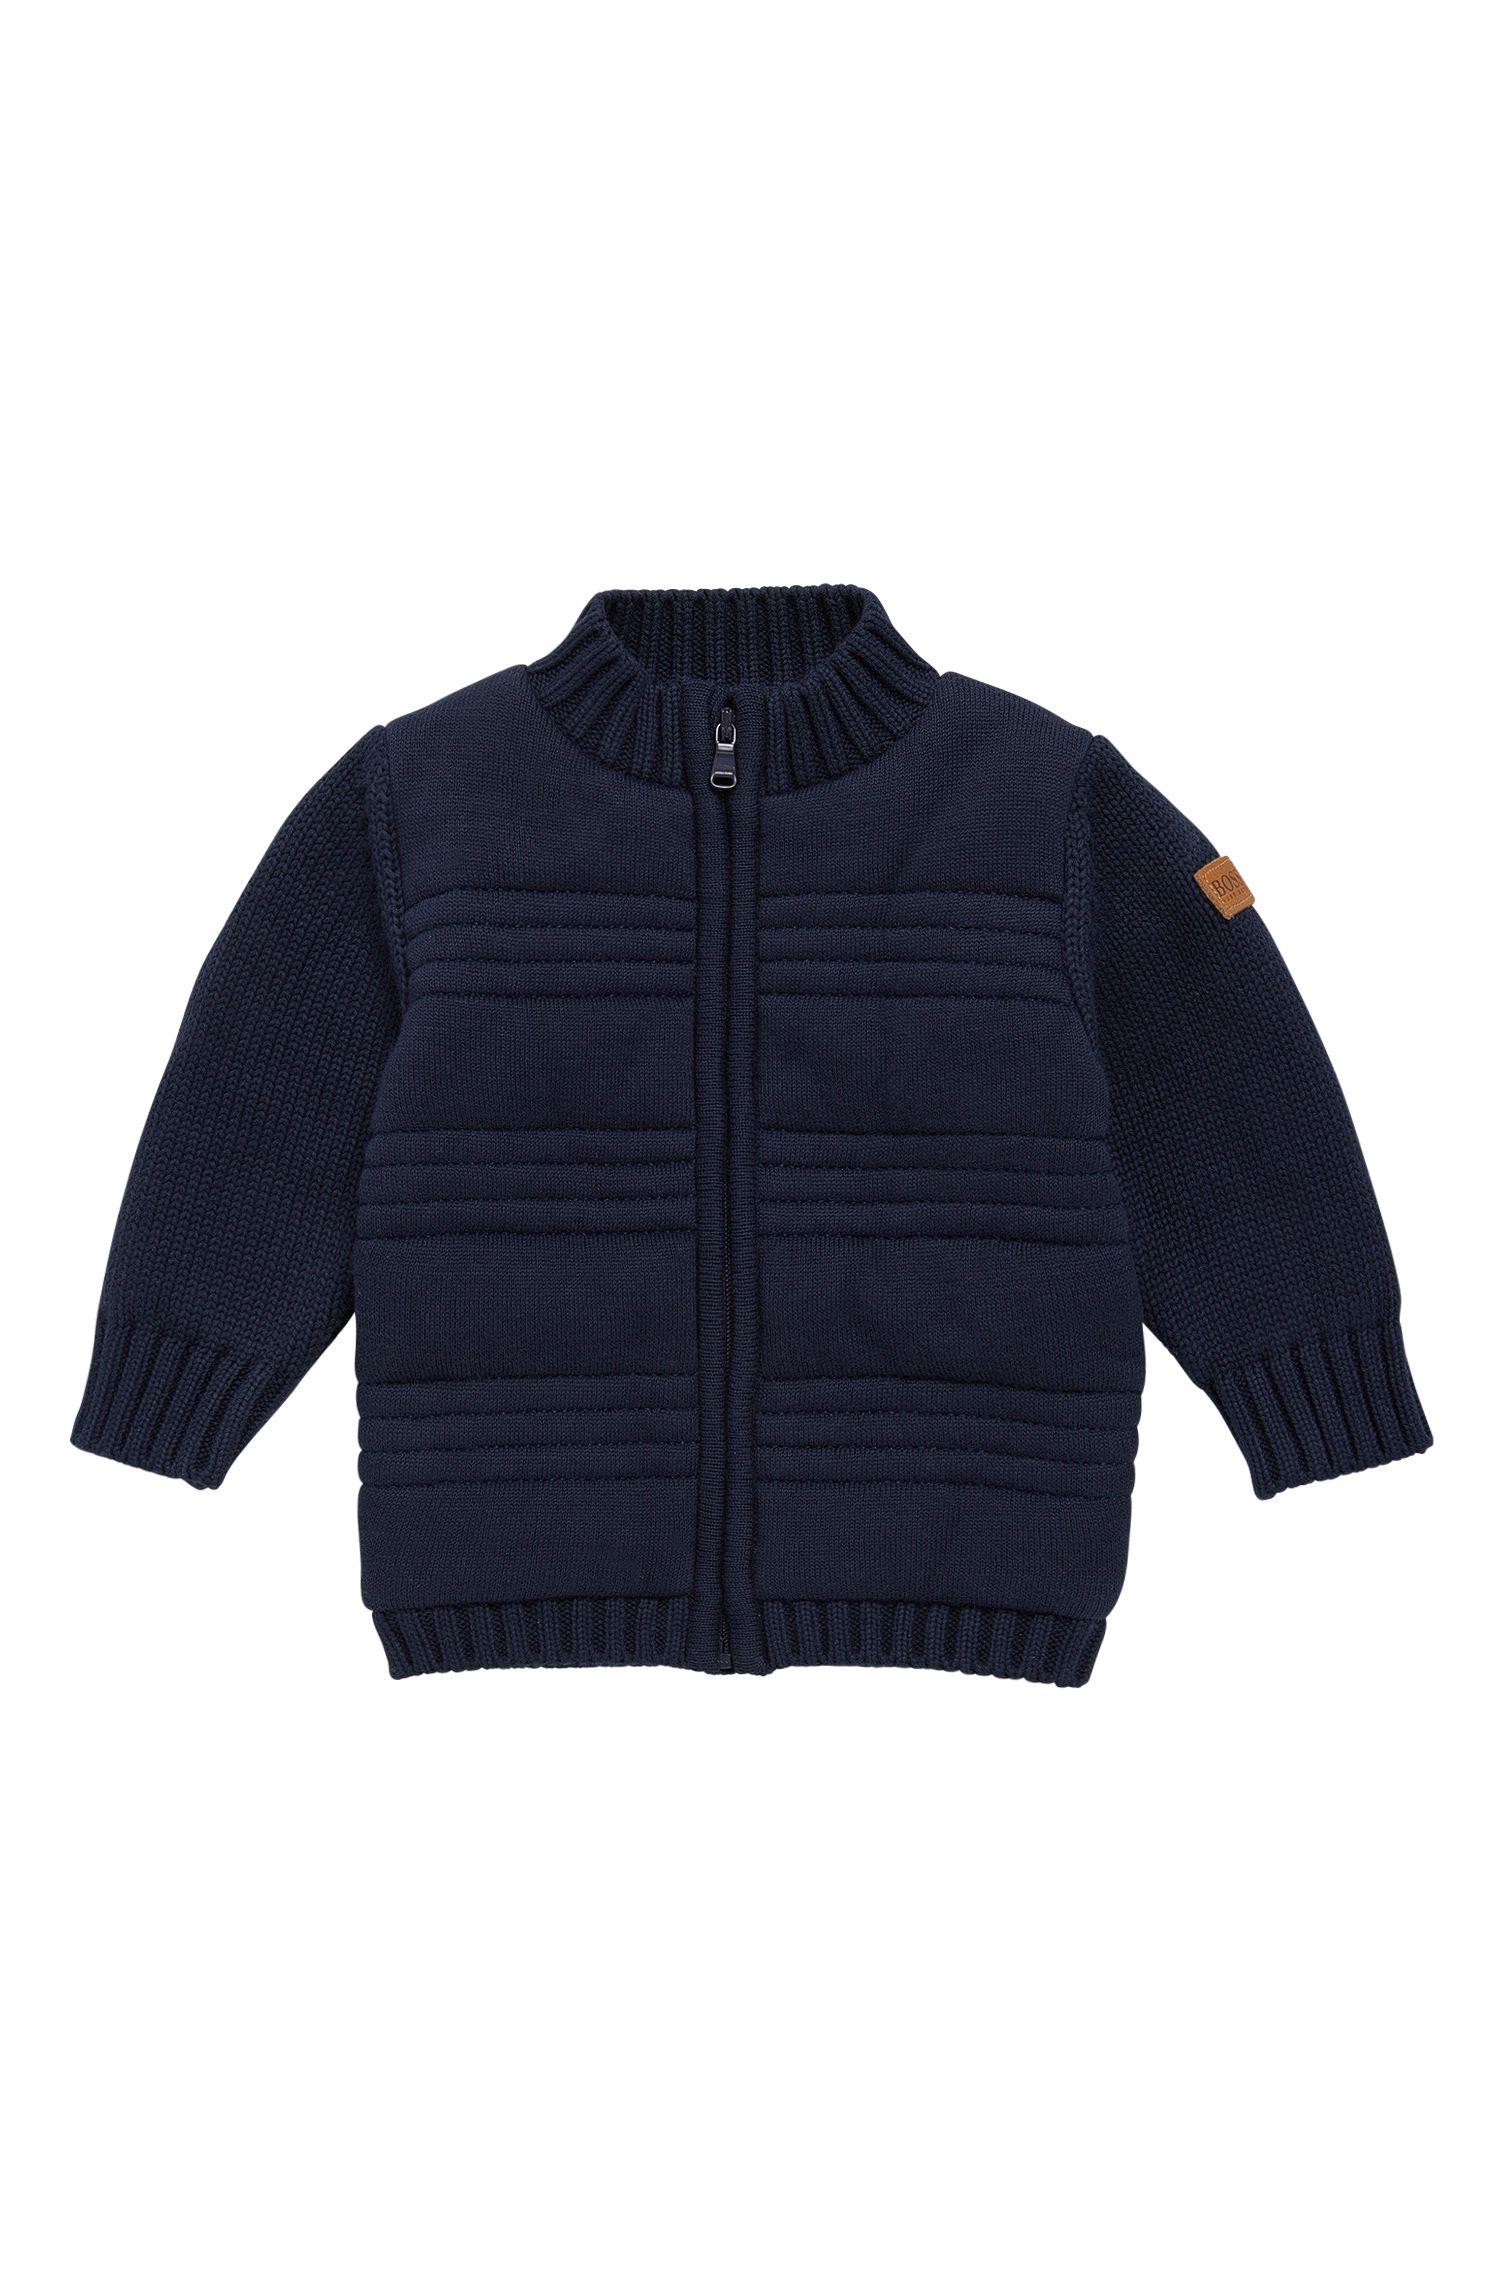 Veste en maille pour enfant en coton, doublée sur le devant: «J05522»